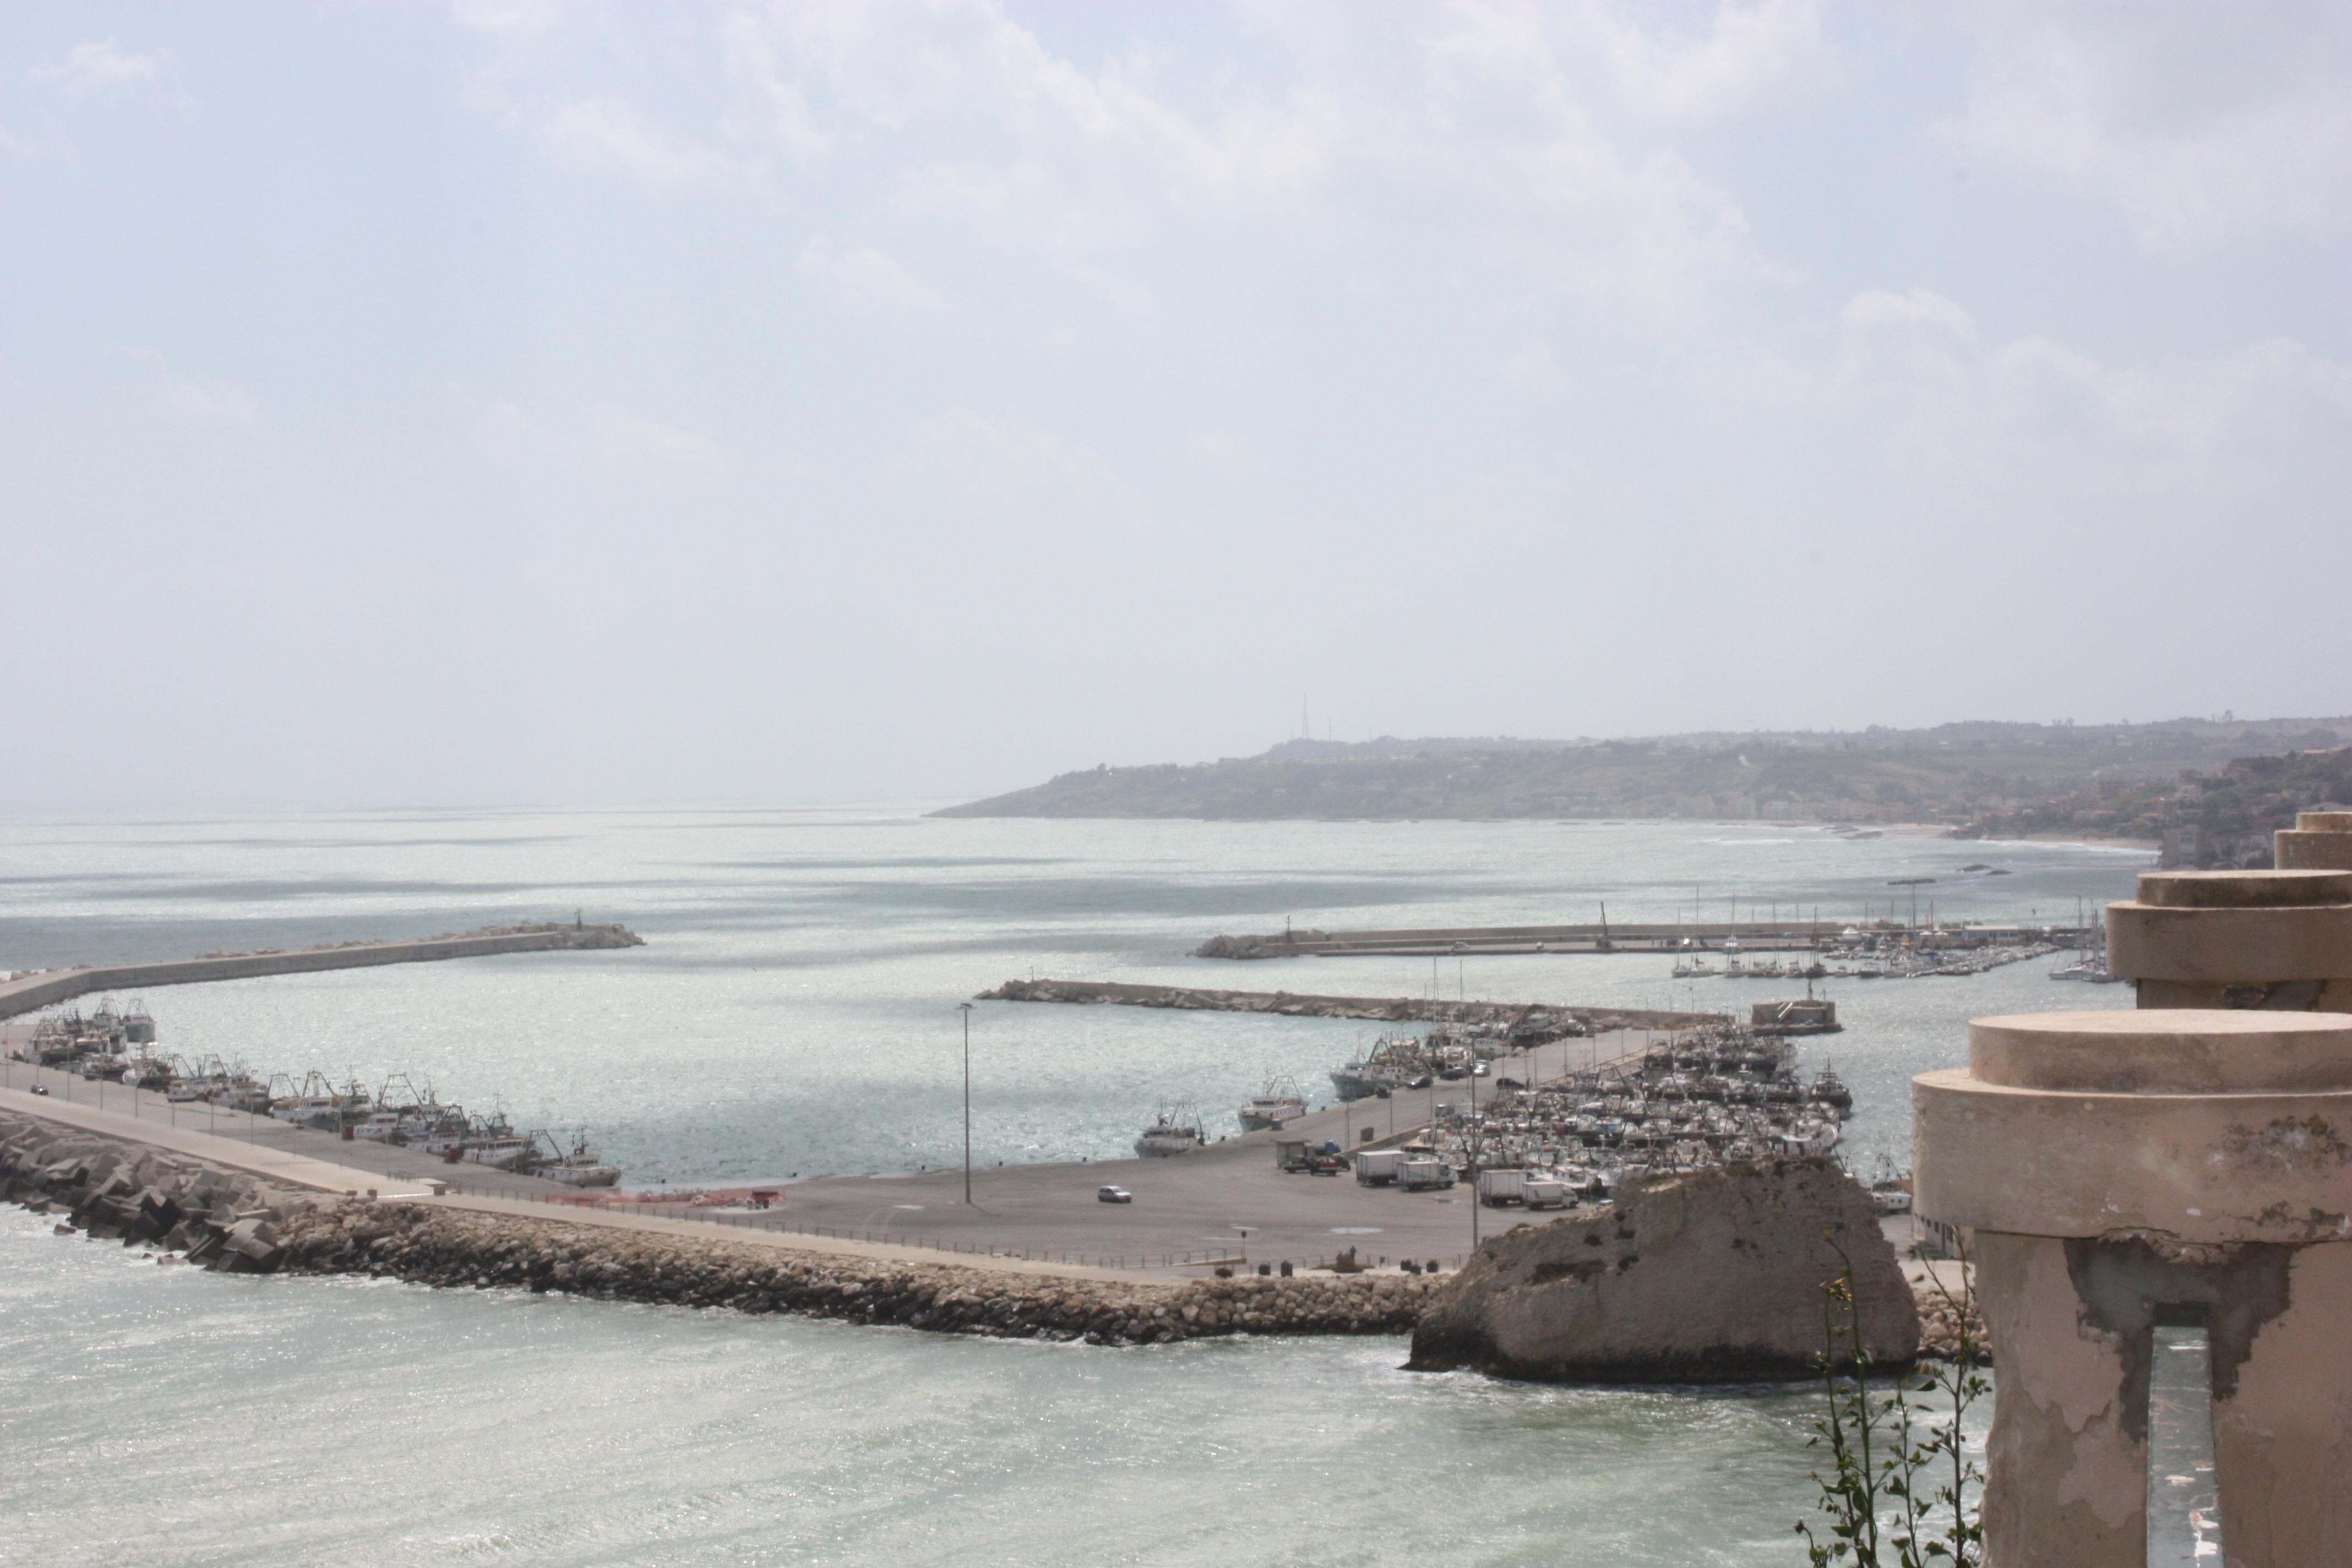 Panorâmica do porto: dezenas de embarcações da frota pesqueira de Sciacca